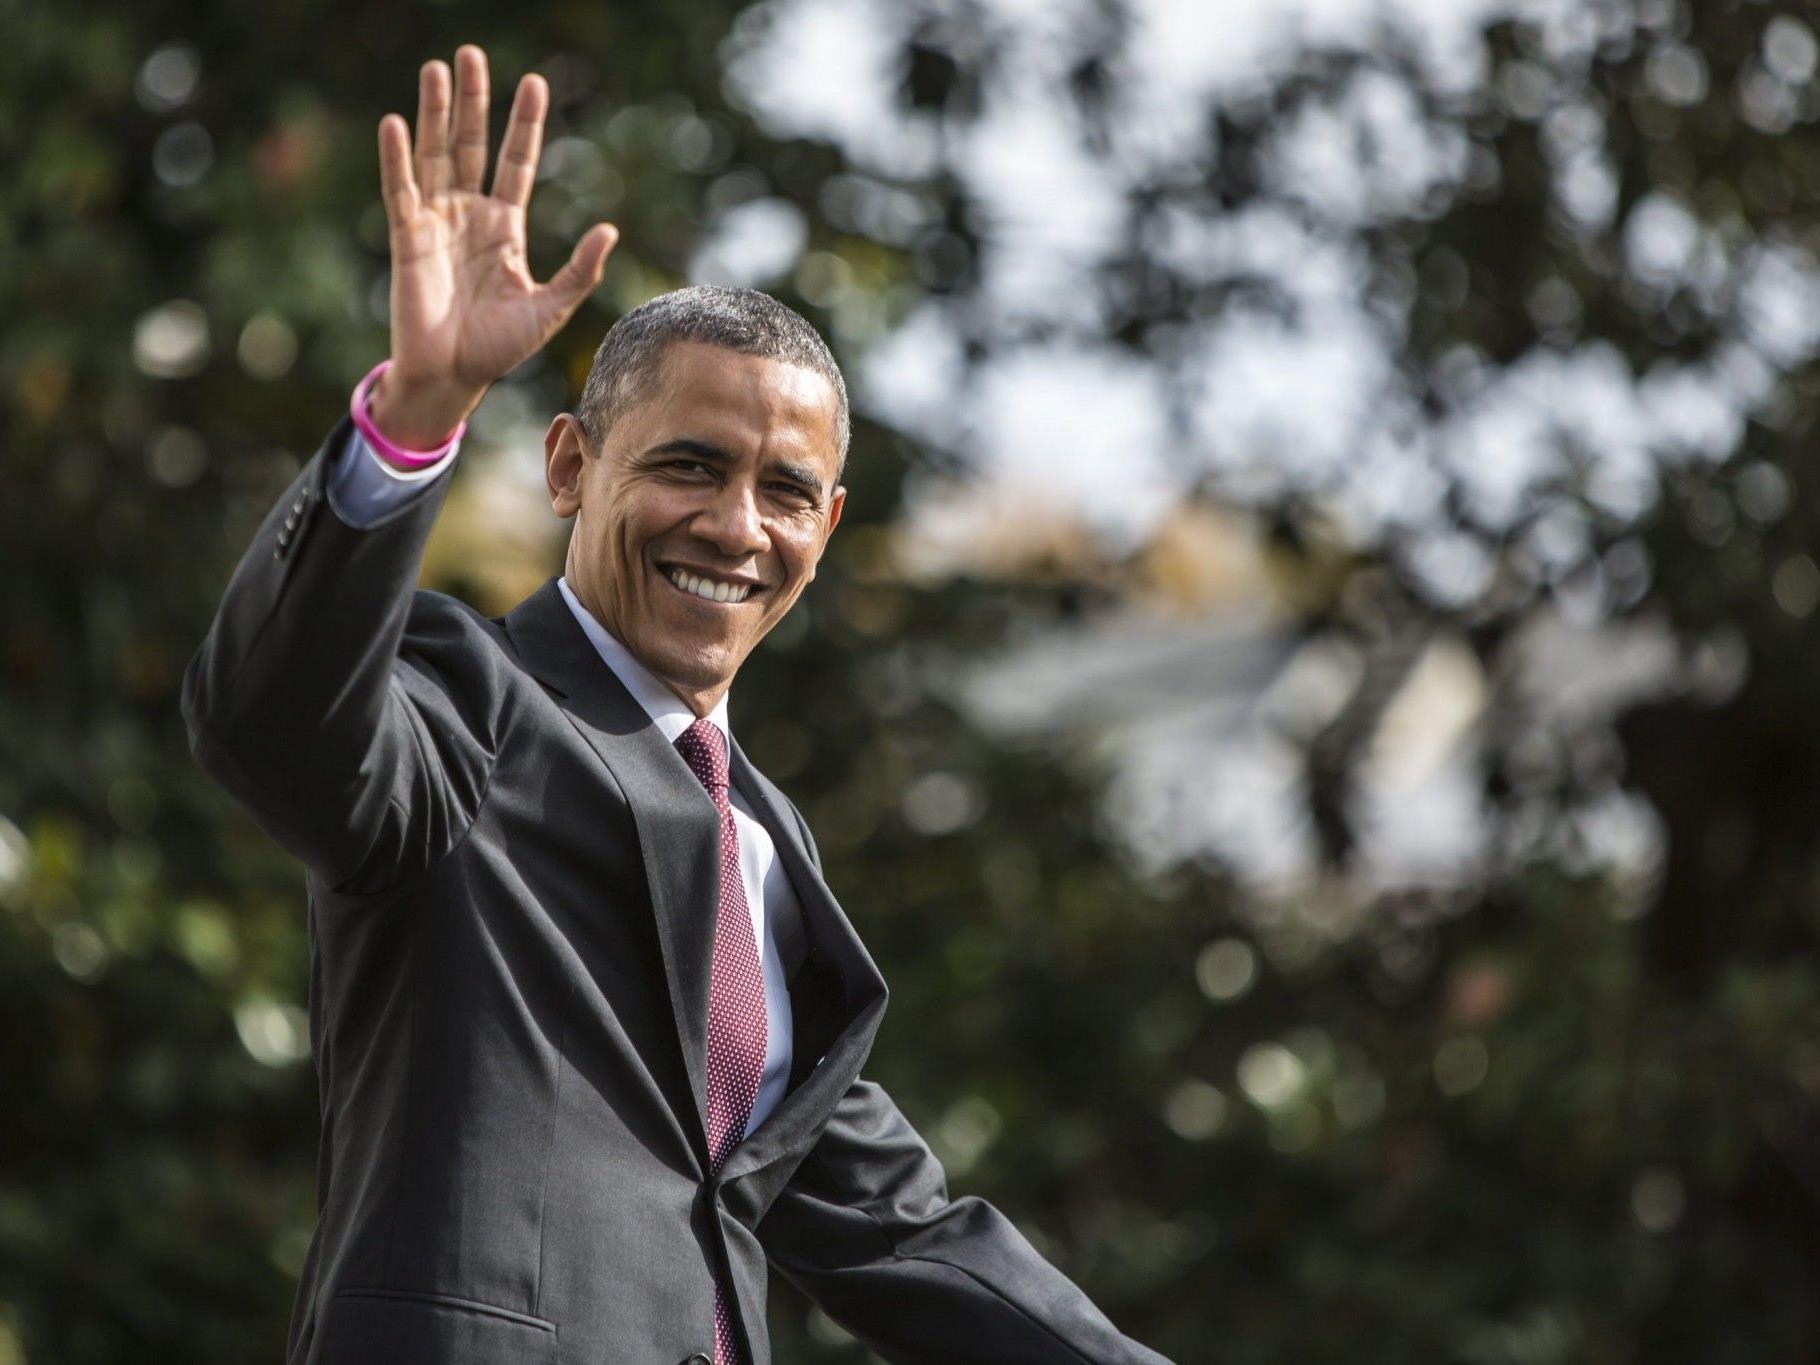 Der Präsident vertritt die USA als oberster Repräsentant nach innen und außen.